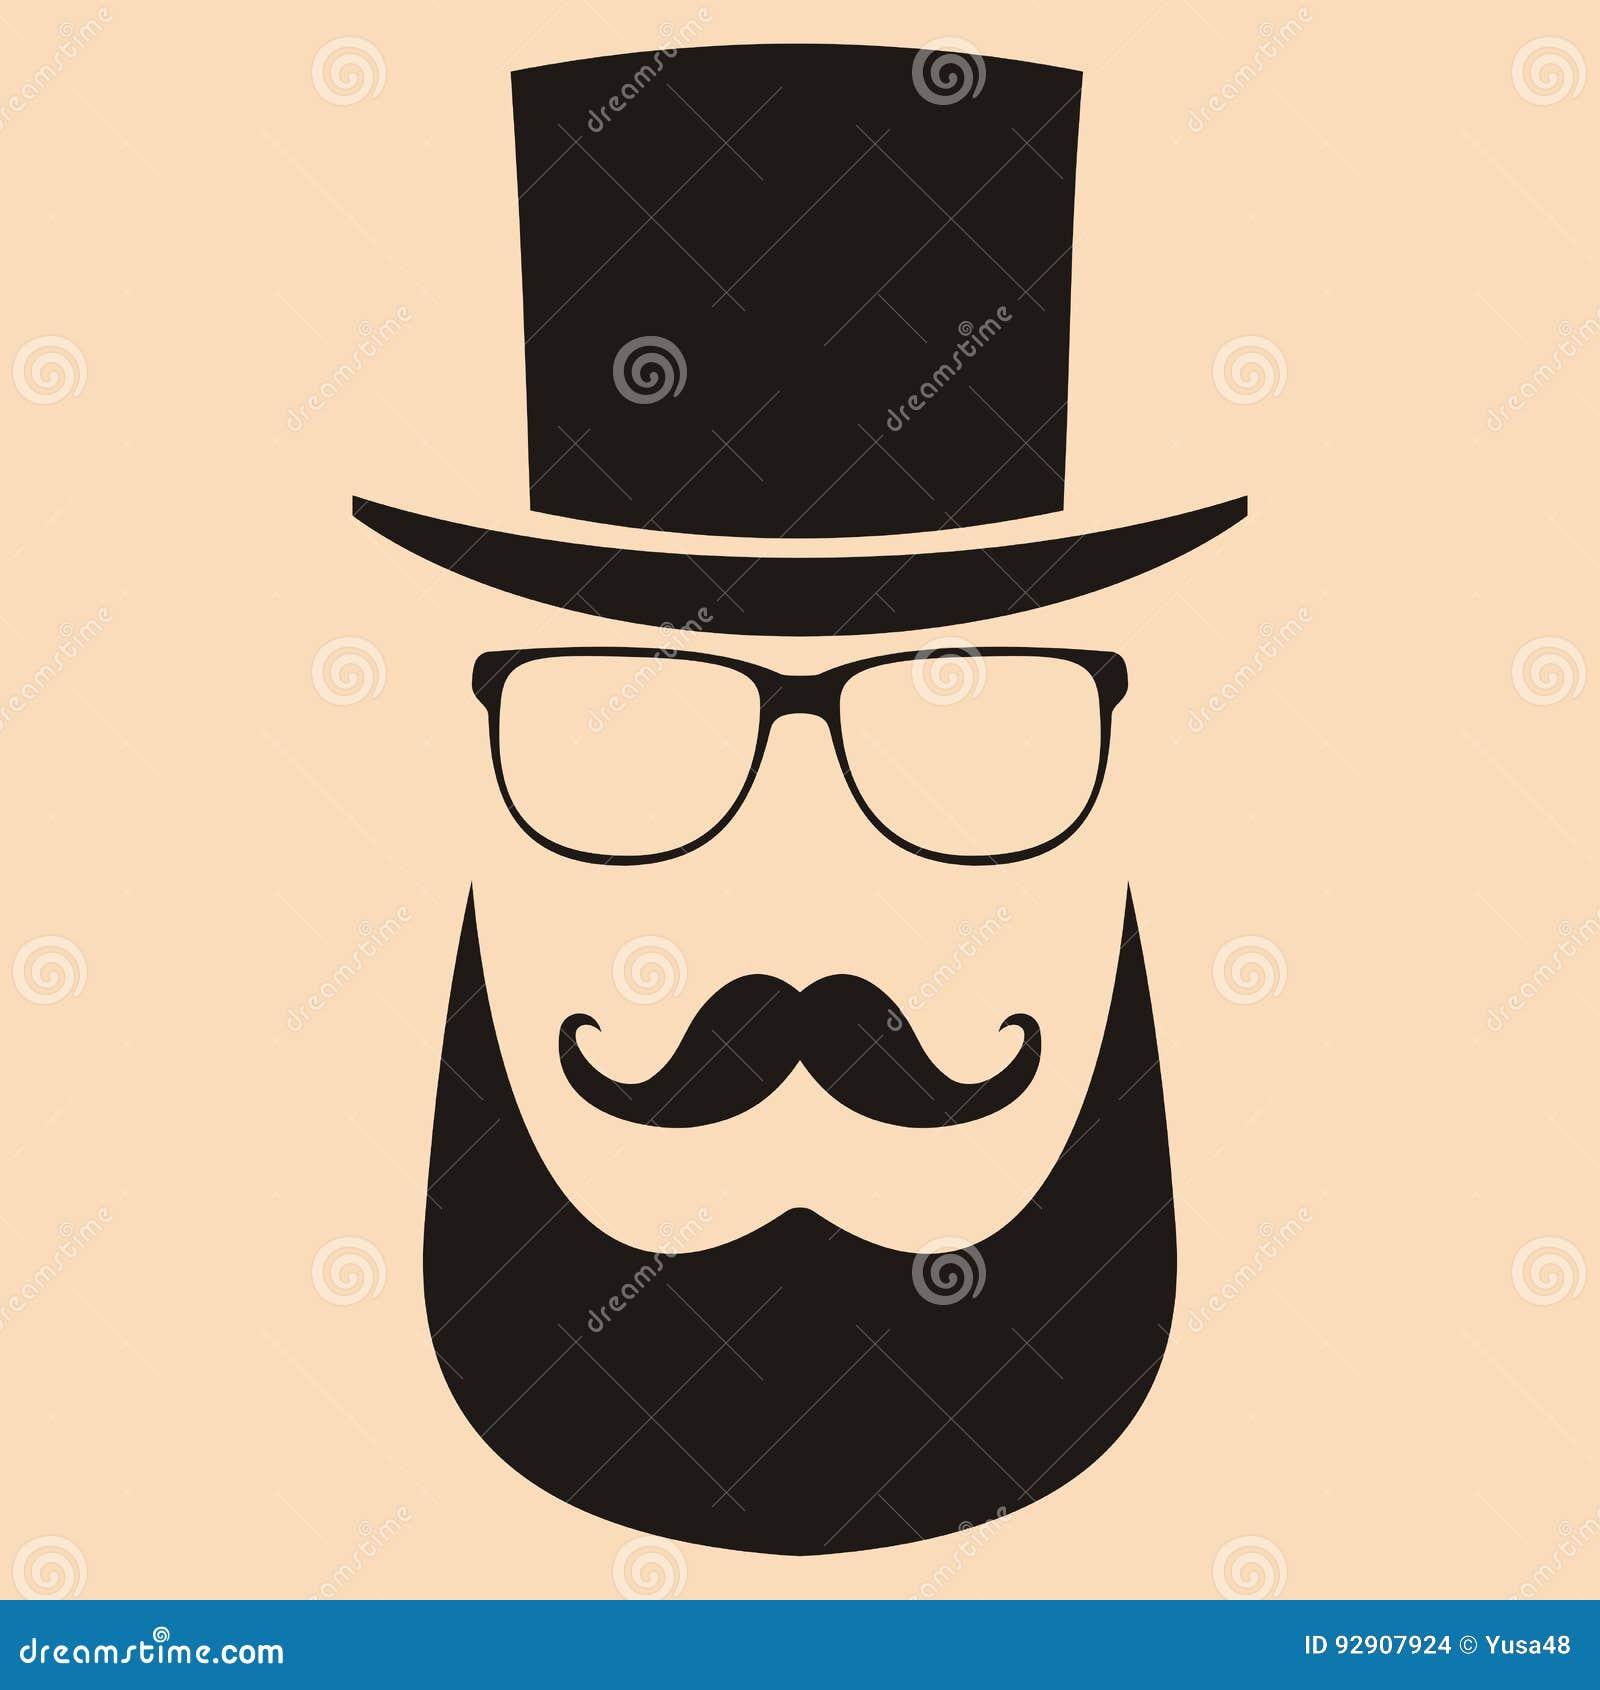 Gentleman Cartoons Illustrations Vector Stock Images